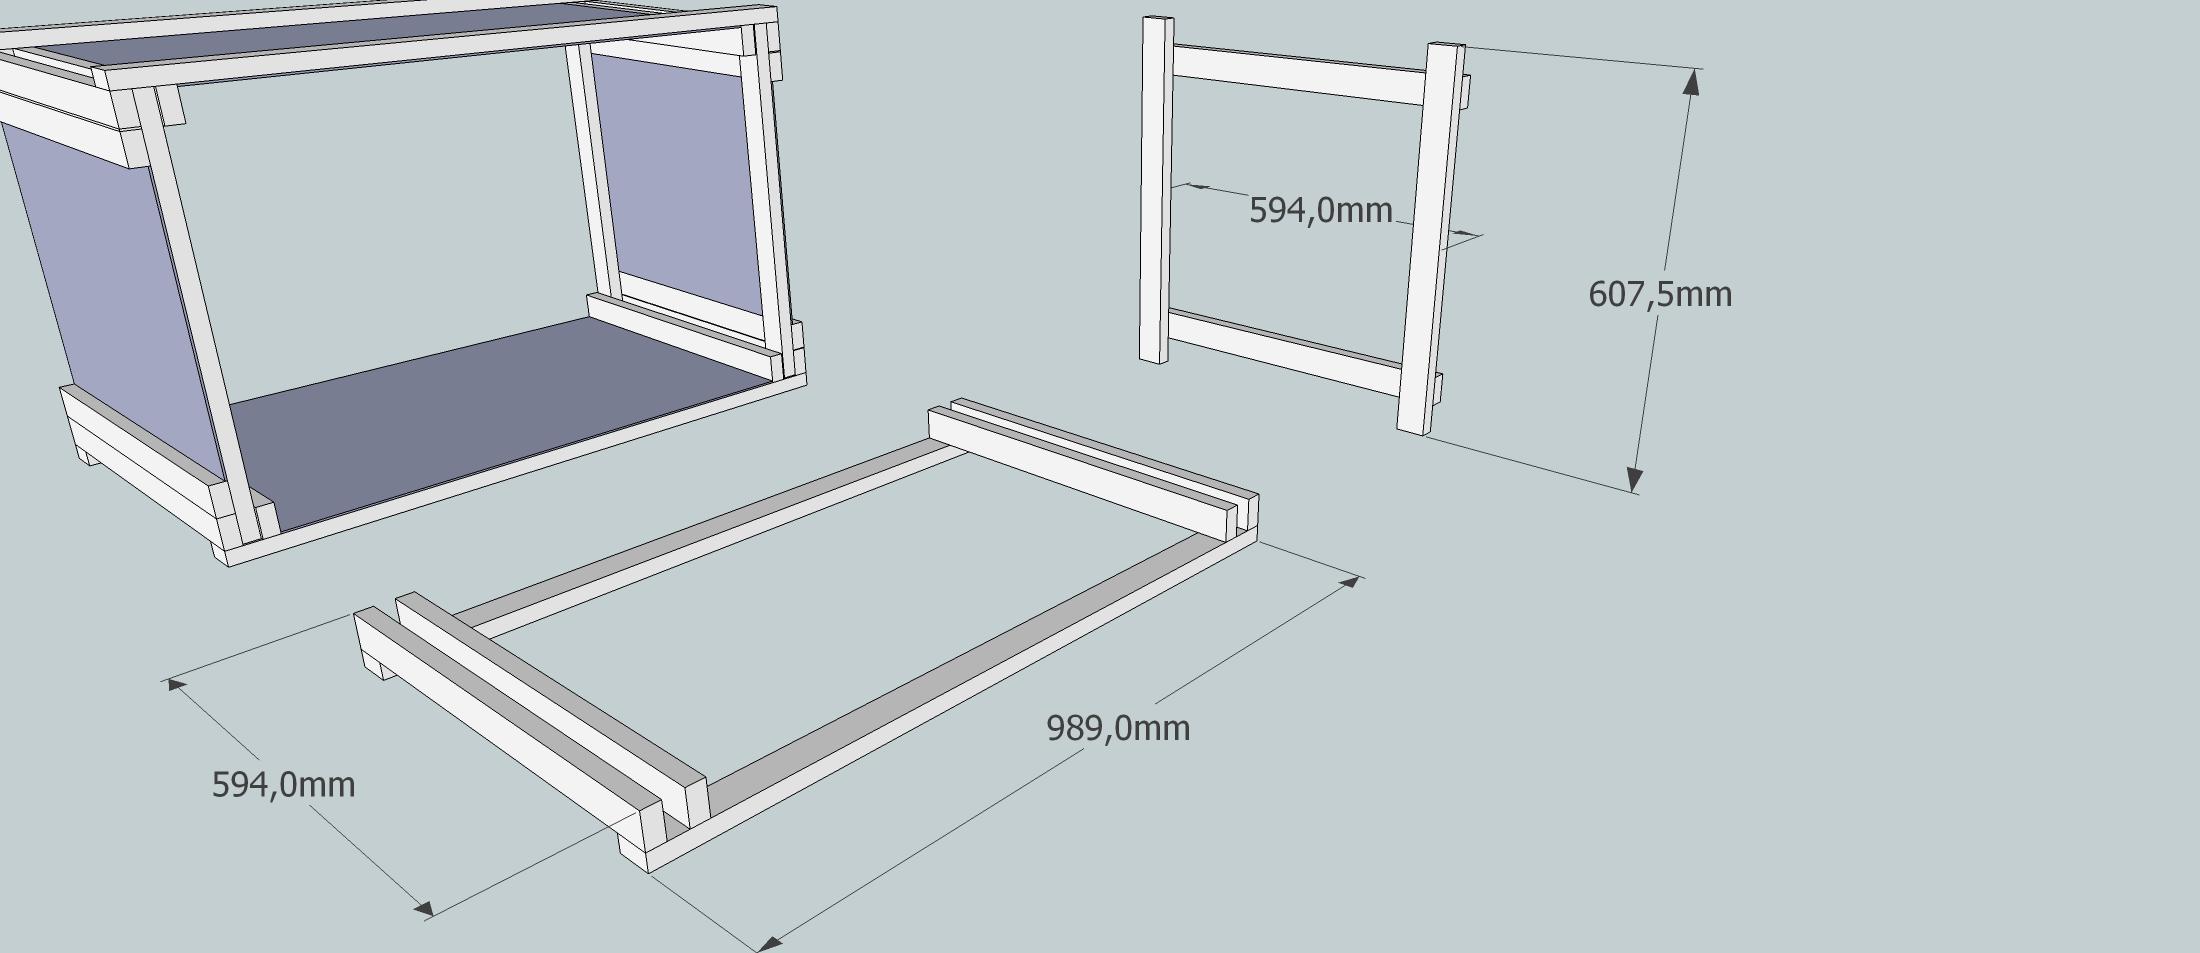 trickbox bau instructions. Black Bedroom Furniture Sets. Home Design Ideas